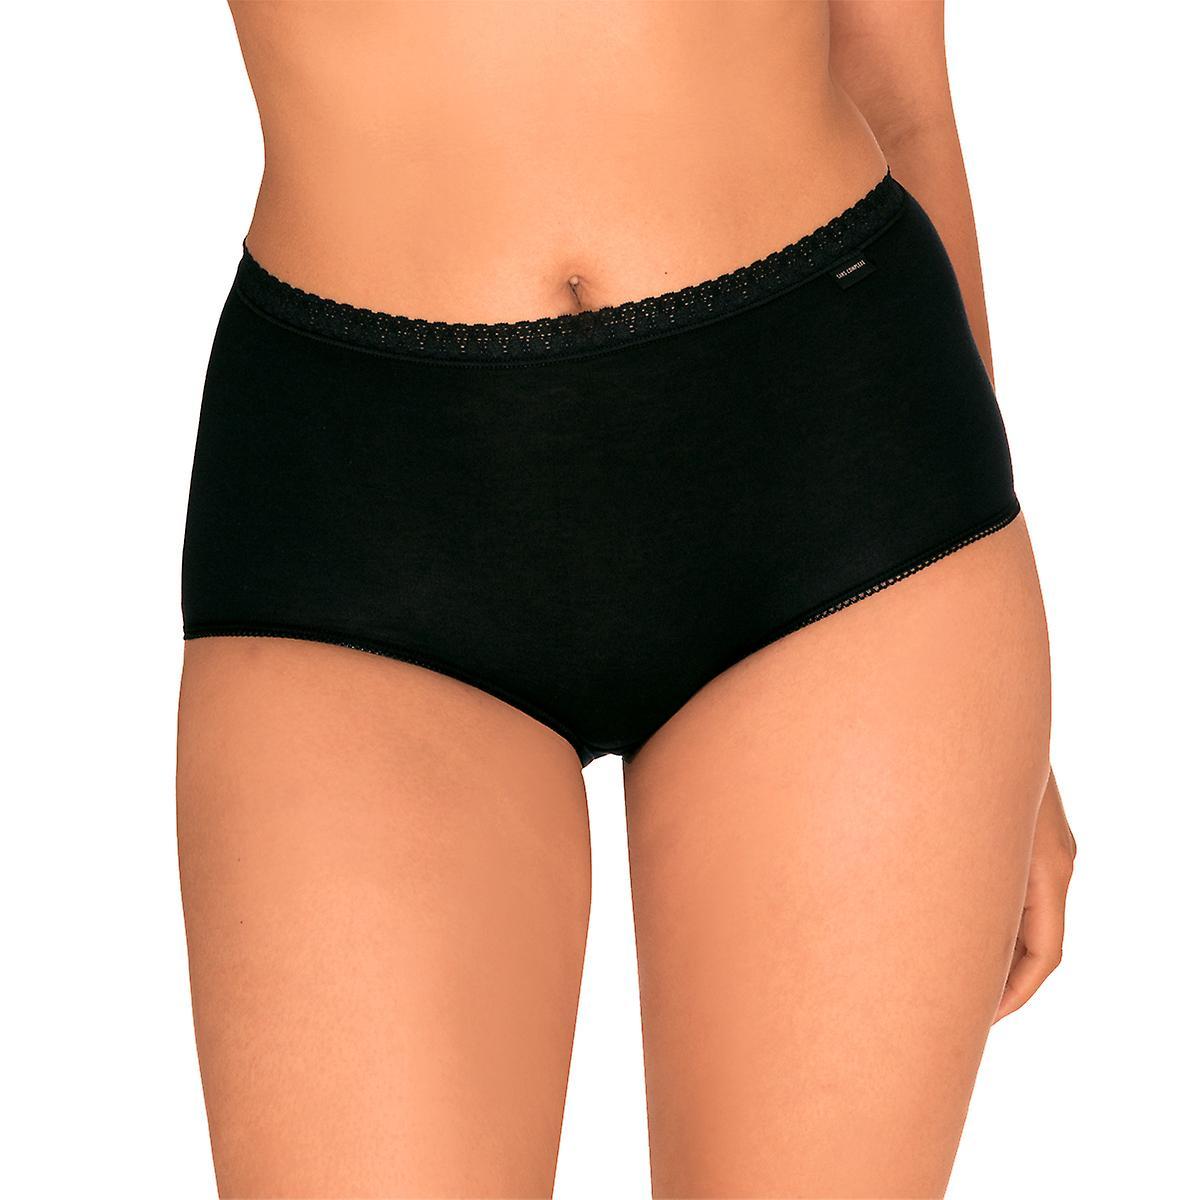 Sans Complexe 619073-Noir Women's Classique Coton Black Full Panty 2 Pack Highwaist Brief